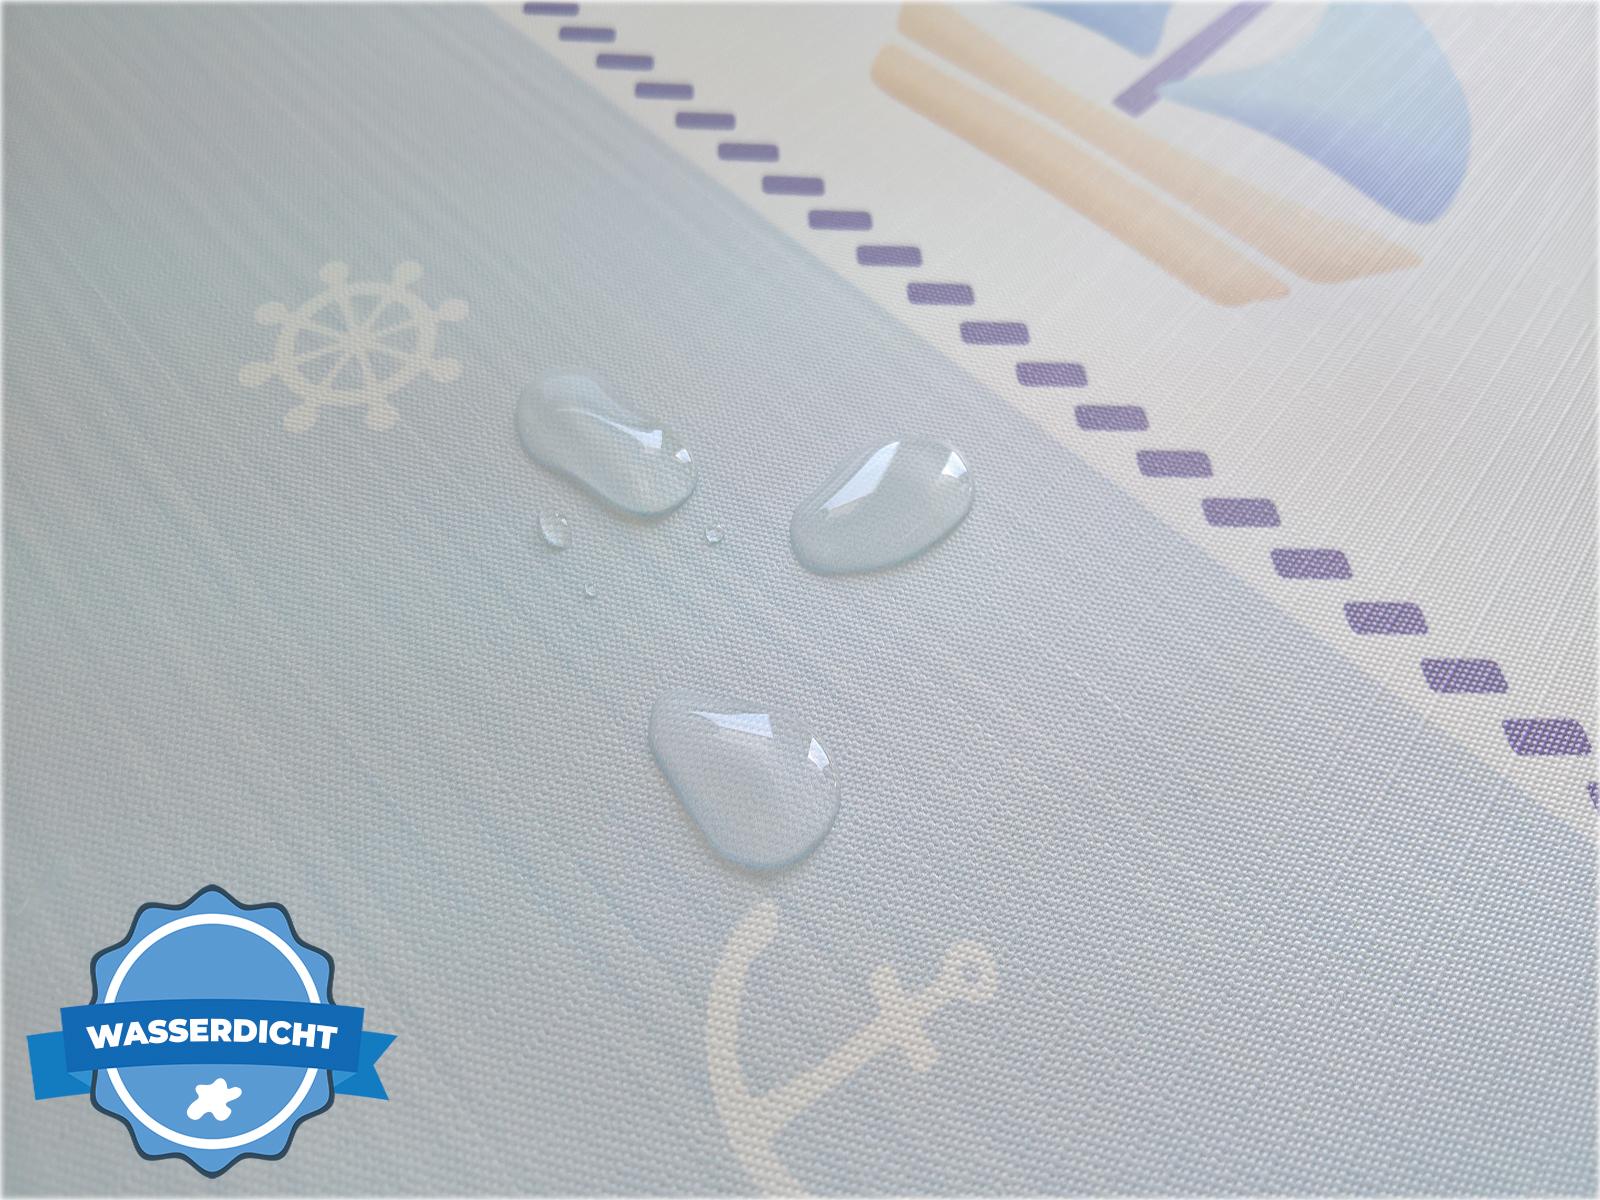 Wickelauflage 50x70 75x70 85x70 abwaschbar PVC soft Wickelunterlage mit Oeko-Tex